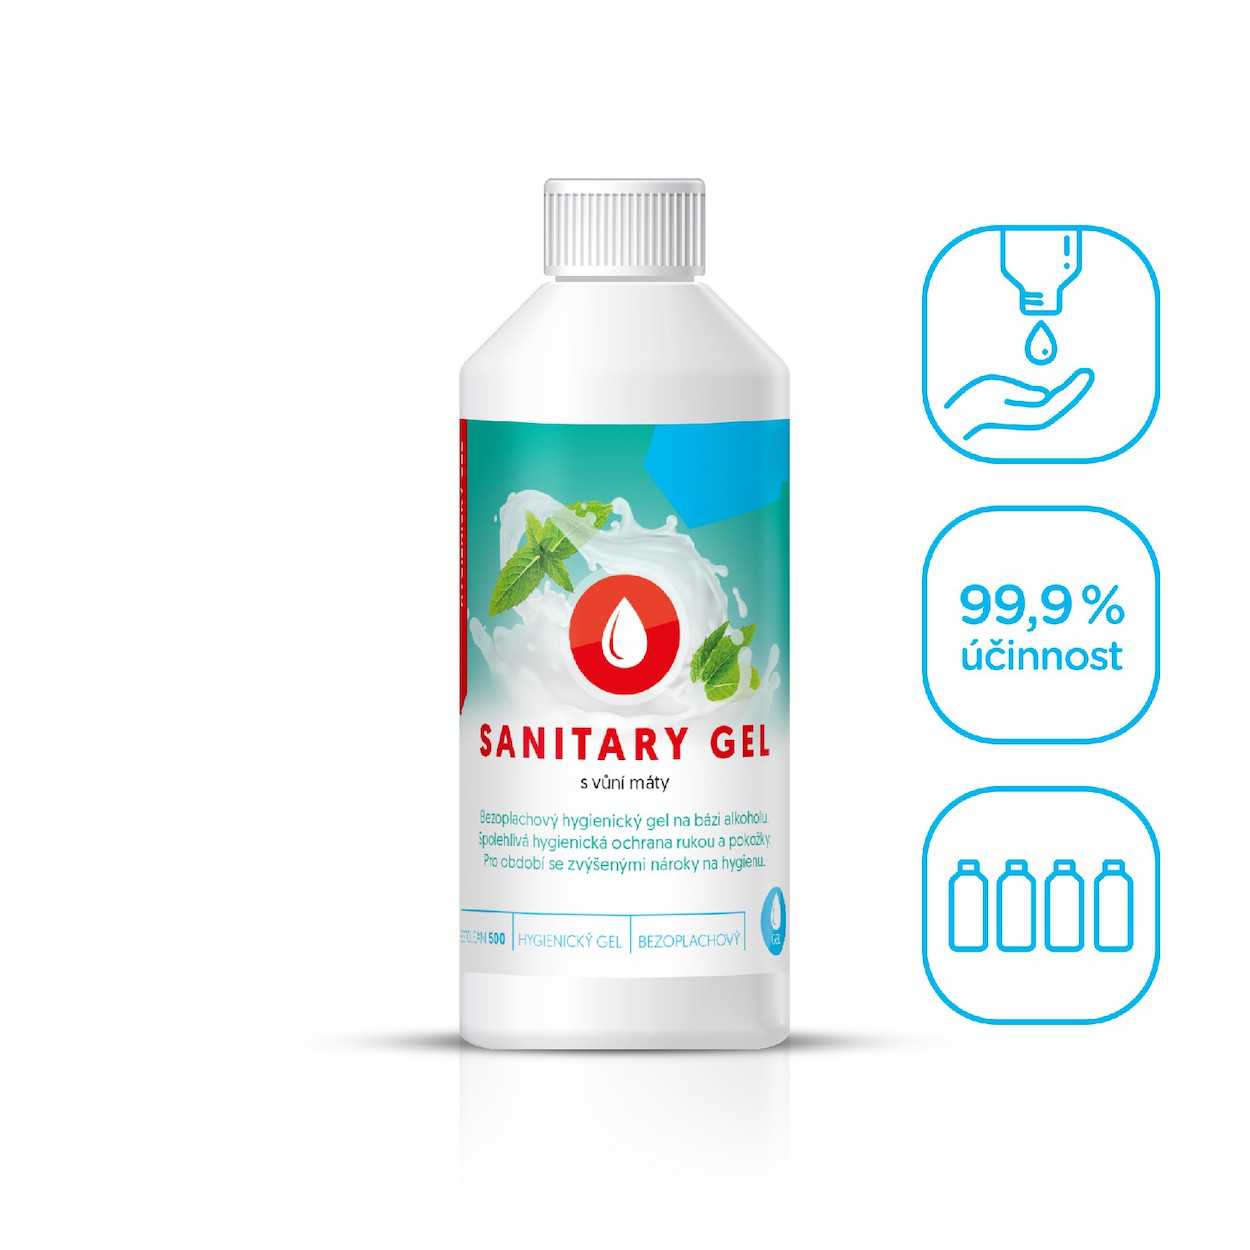 Bezoplachový hygienický gel na ruce, máta, 250 ml